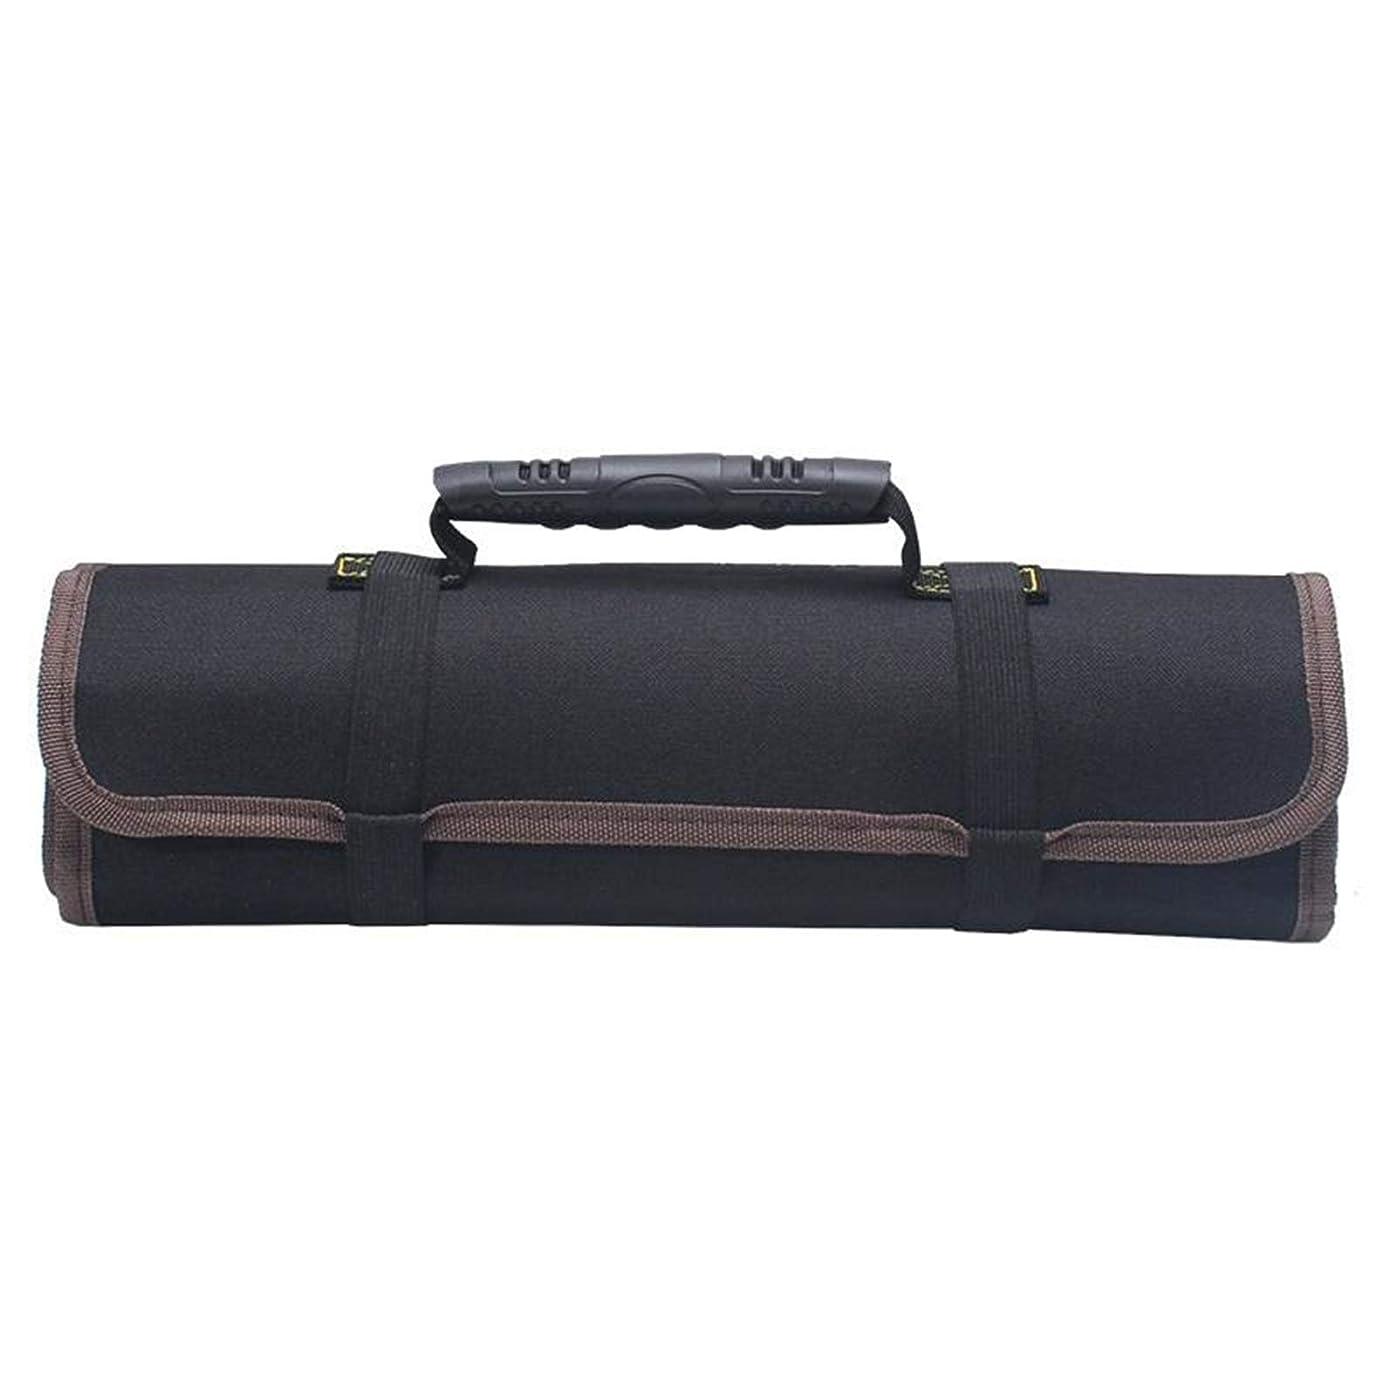 その結果解放受け継ぐツールバッグ リールキット電気技師ツールバッグキャンバスオックスフォードクロスキット多機能増粘バッグロールツールキット作業 (Size:585x355mm; Color:Black)